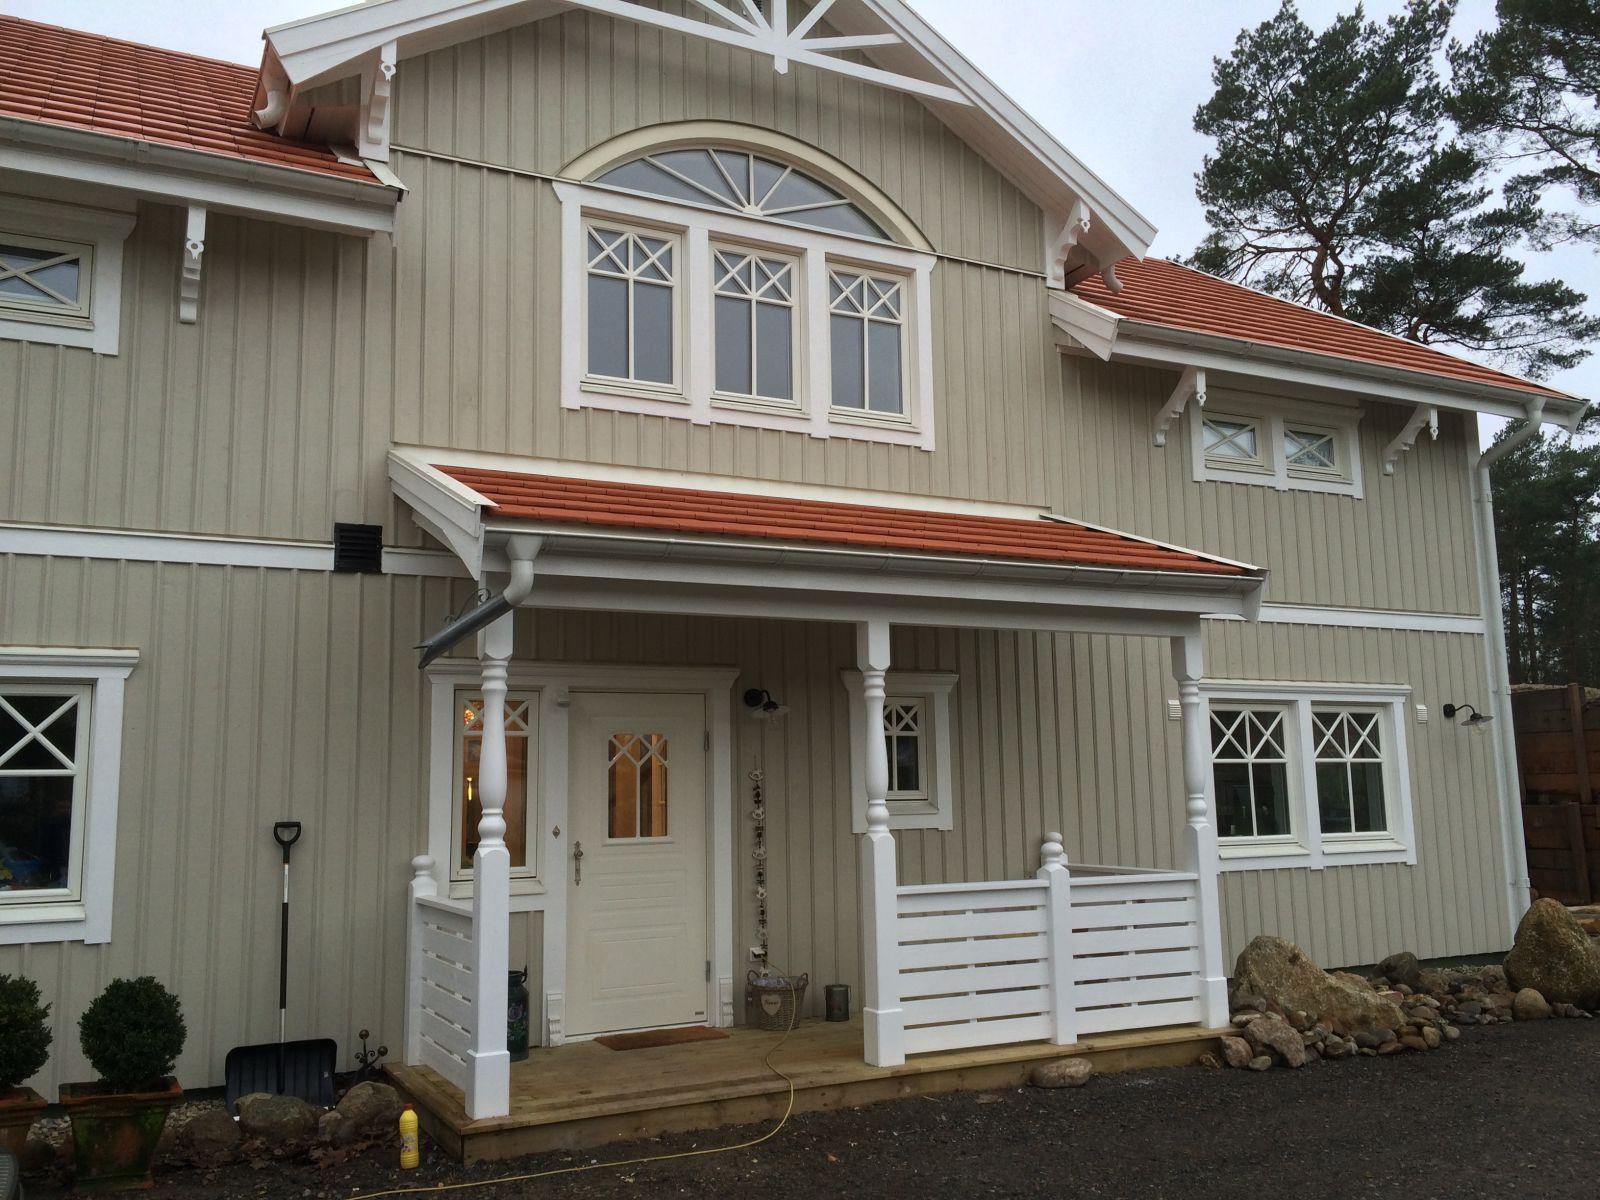 Schwedenhaus Klassikhaus 4 Aussenansicht Eingang #hausdekoeingangsbereichaussen